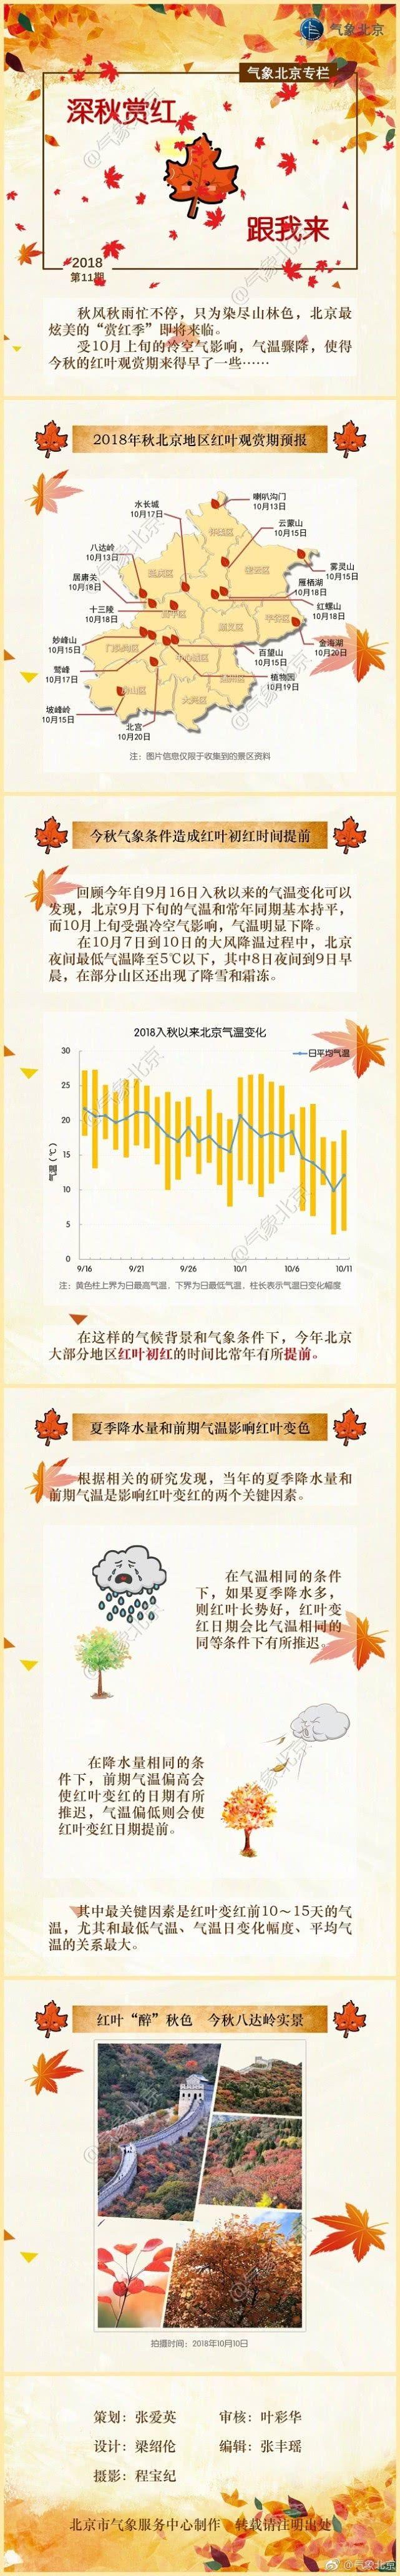 北京大风降温 红叶观赏期提前